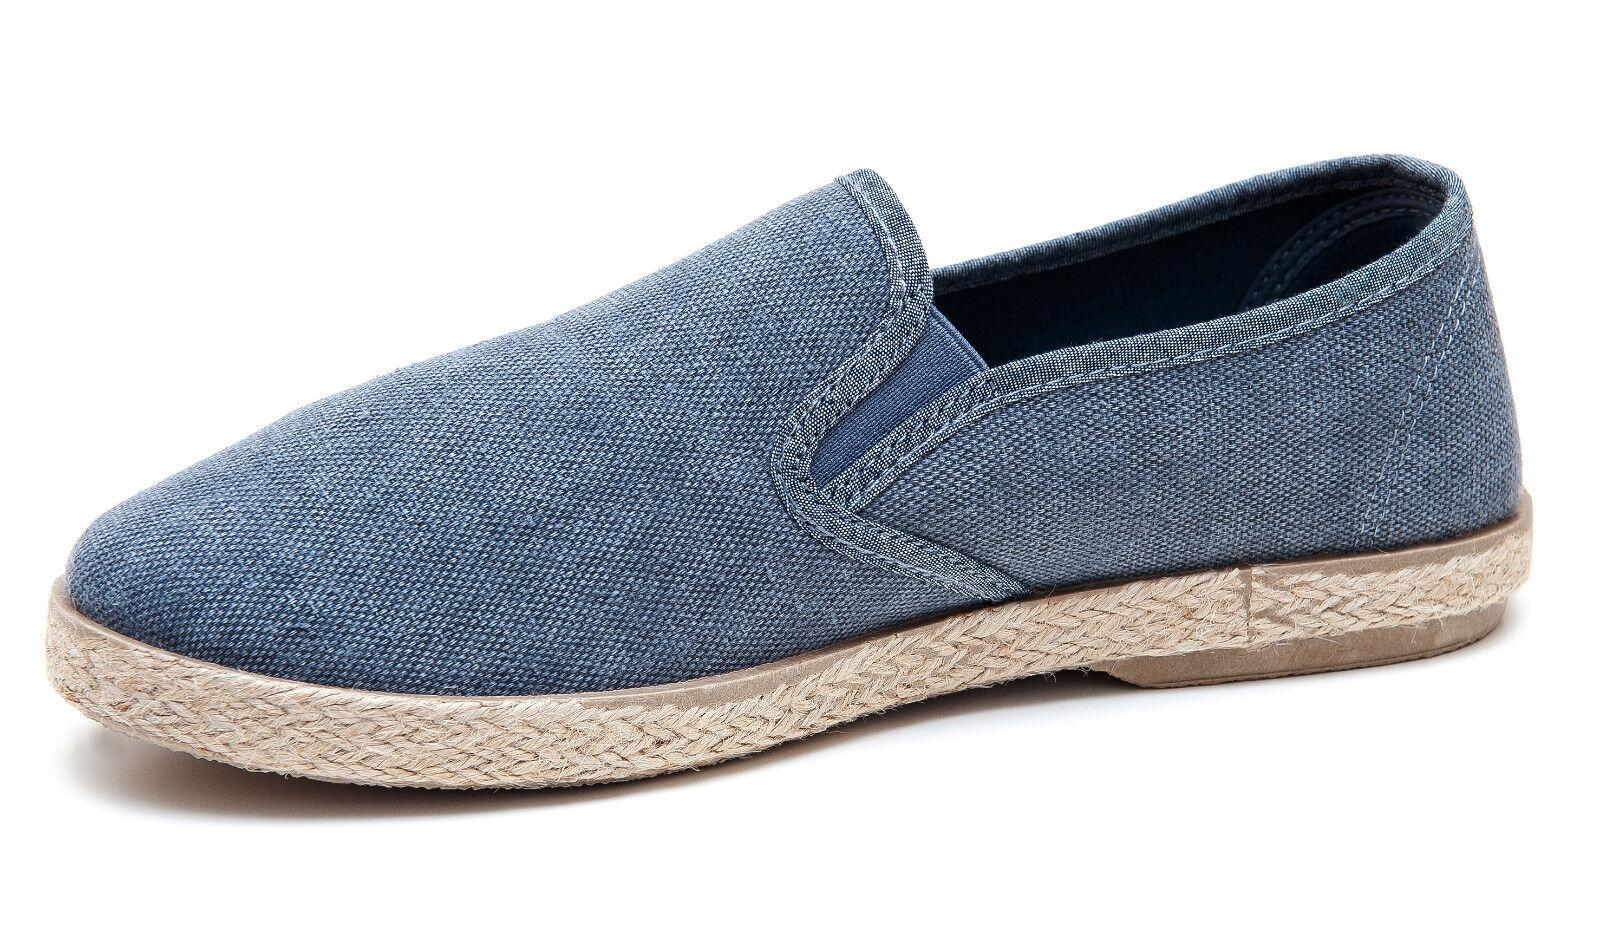 Sneakers casual blu per uomo Comprar Bajo Costo Barato Comprar Barato Finishline Profesional En Línea Colecciones 0GMkAqx7NP